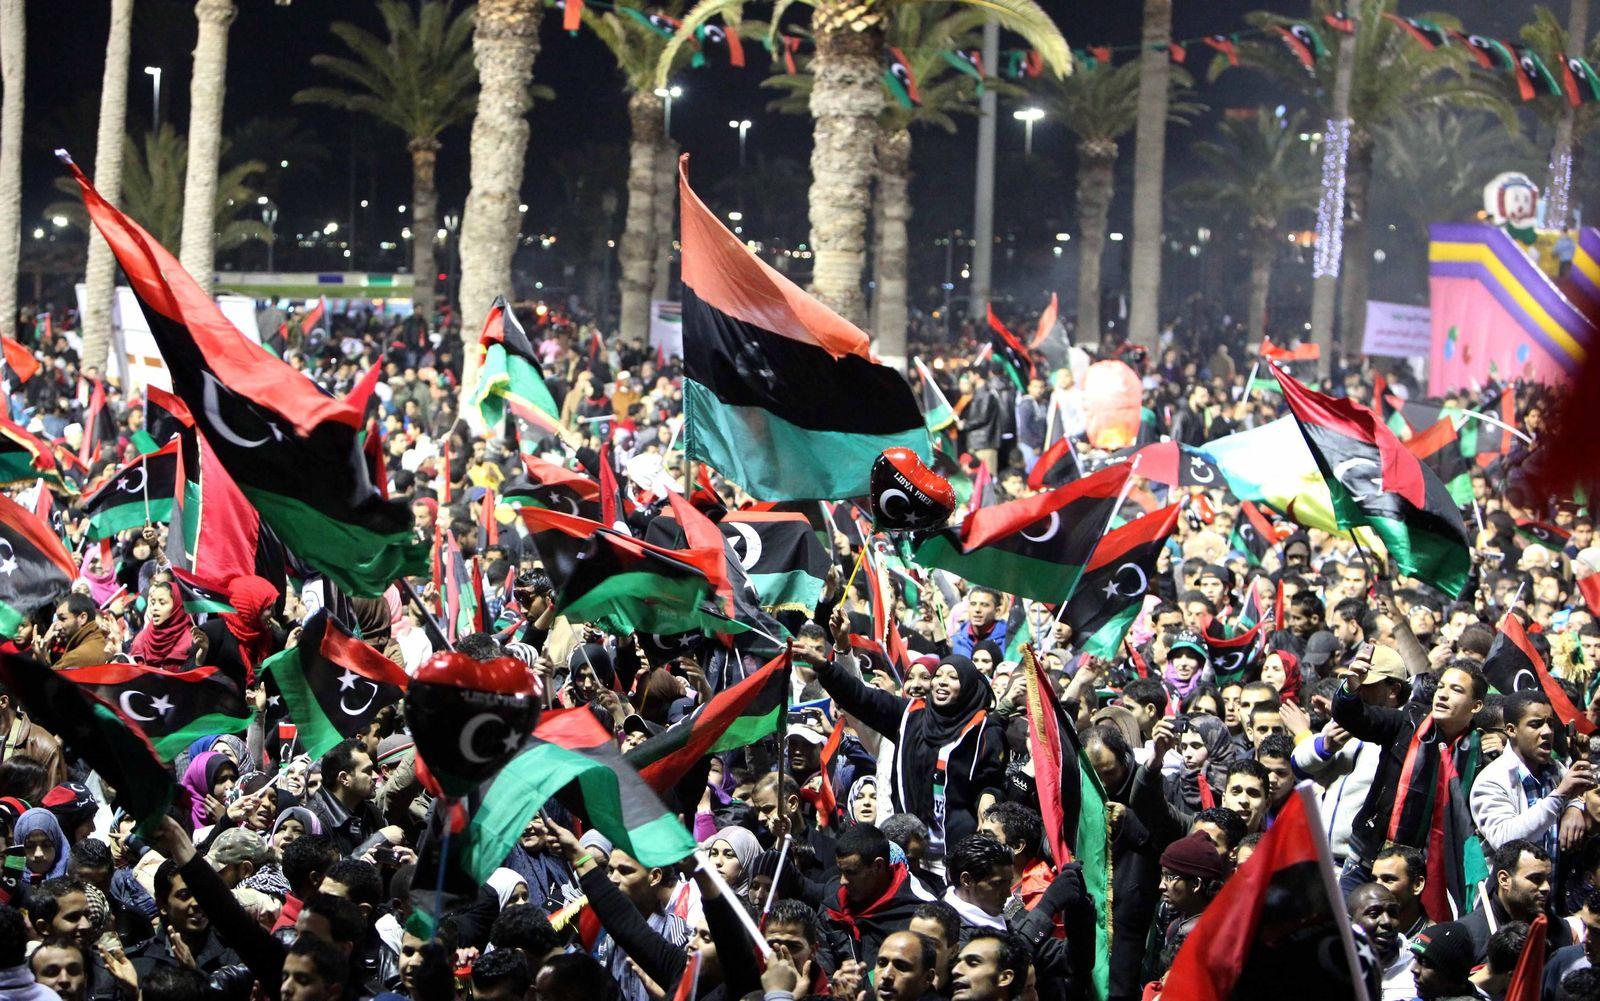 DER SPIEGEL 9/2012 pp 50 SPIN / Libyen Revolutions-Jahrestag